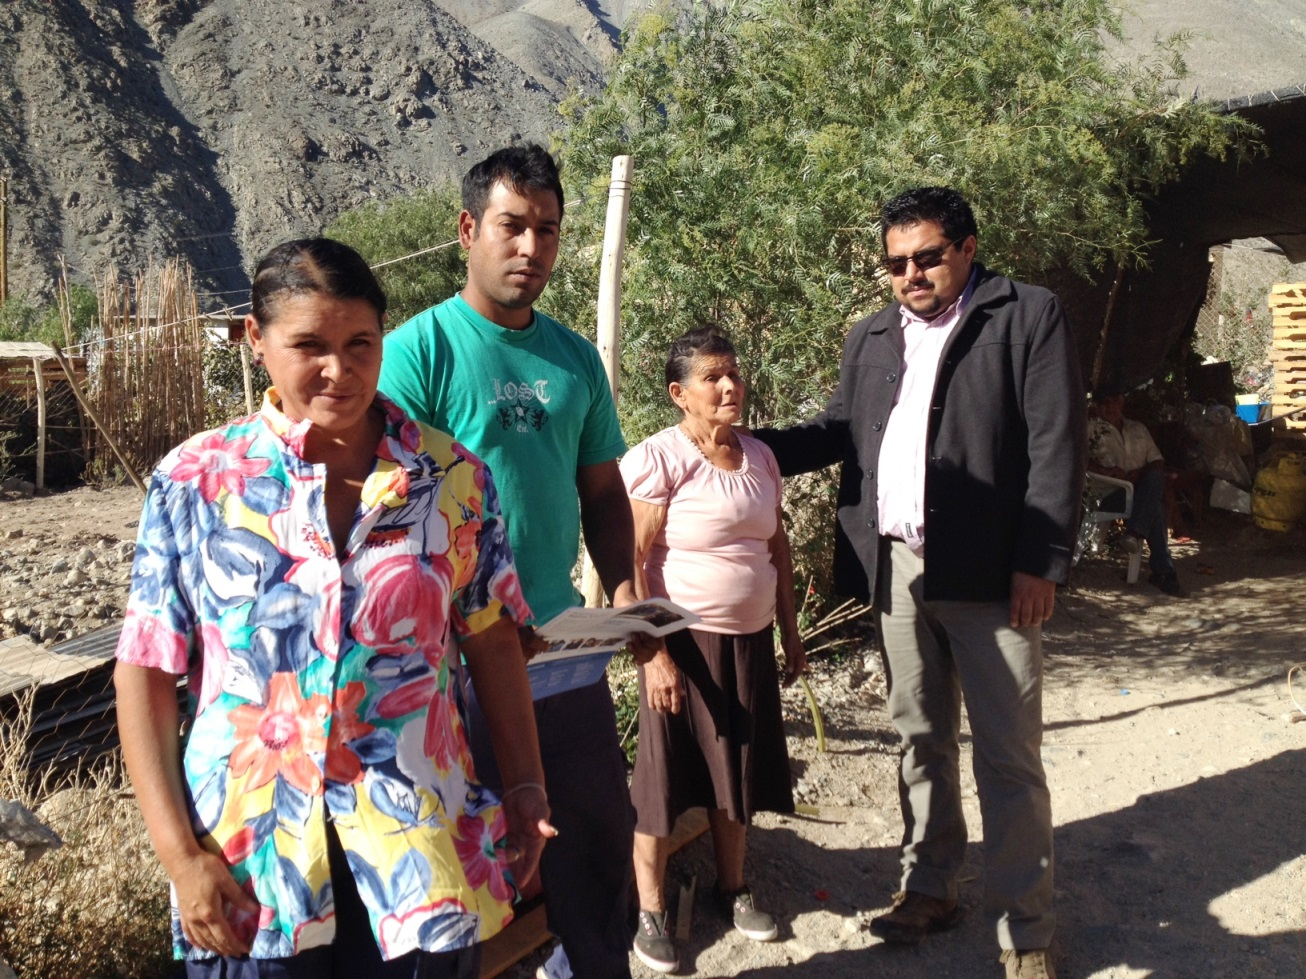 Seremi de Gobierno recorrió las localidades más afectadas de Alto del Carmen